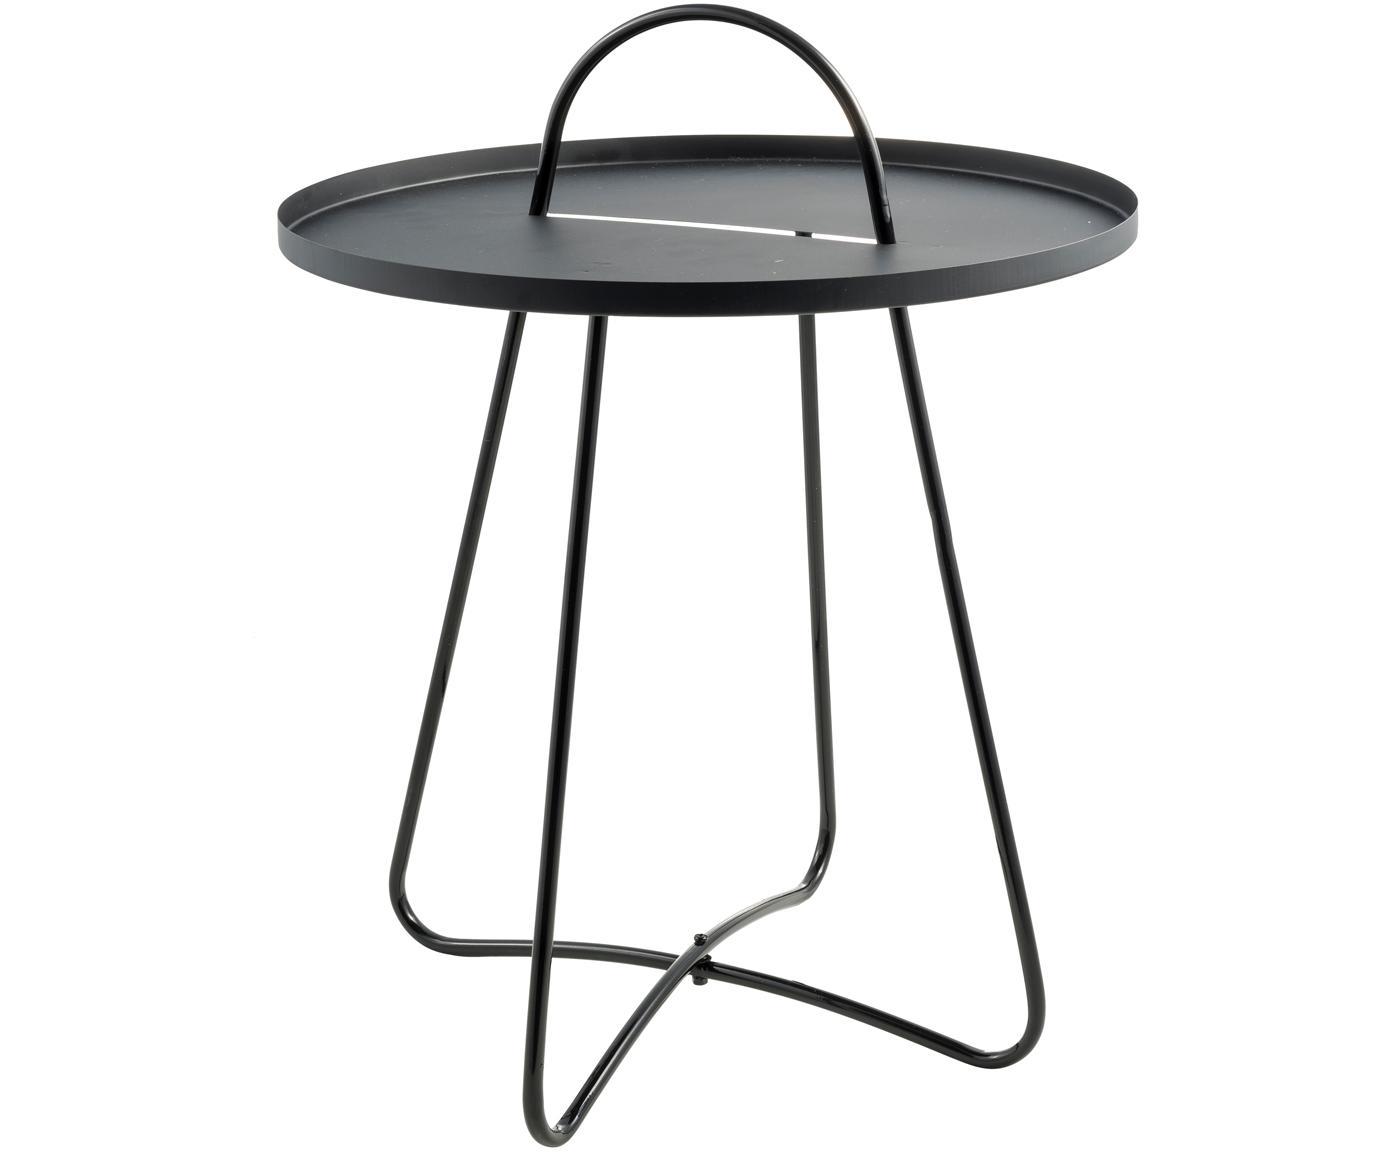 Metall-Beistelltisch Pronto, Metall, beschichtet, Schwarz, Ø 46 x H 58 cm